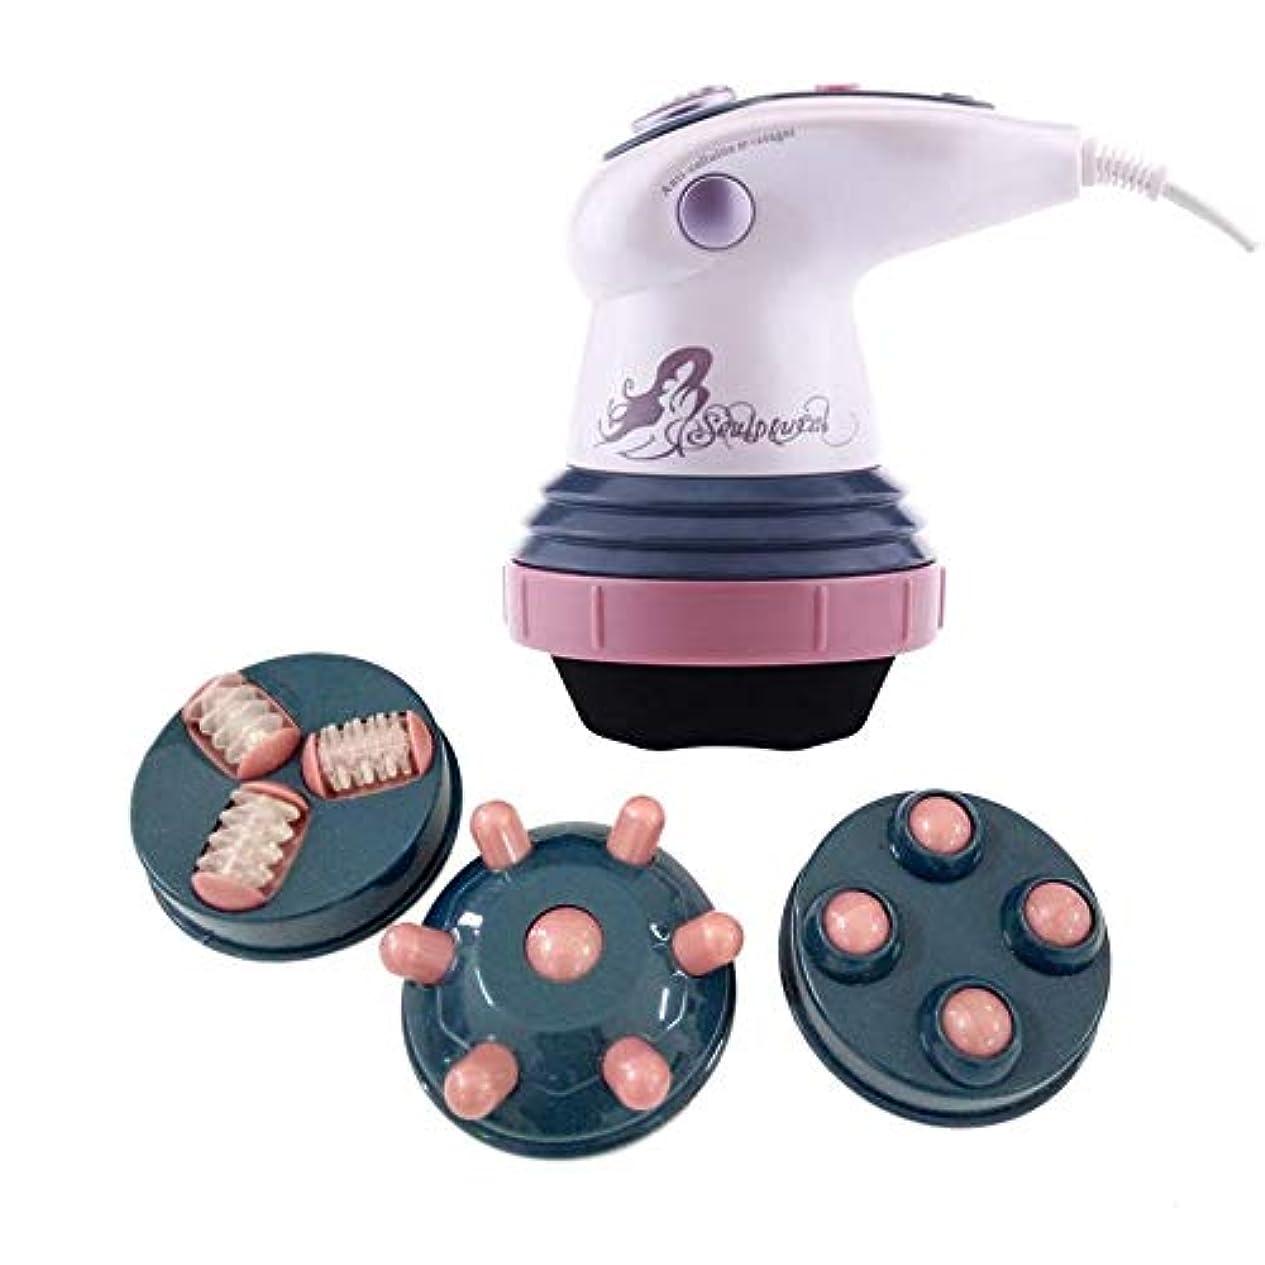 昼間ハイブリッド薄汚い低ノイズの赤外線電気脂肪燃焼は、マッサージャーアンチセルライトボディマッサージマシンをSlim身するボディを削除します-ピンク